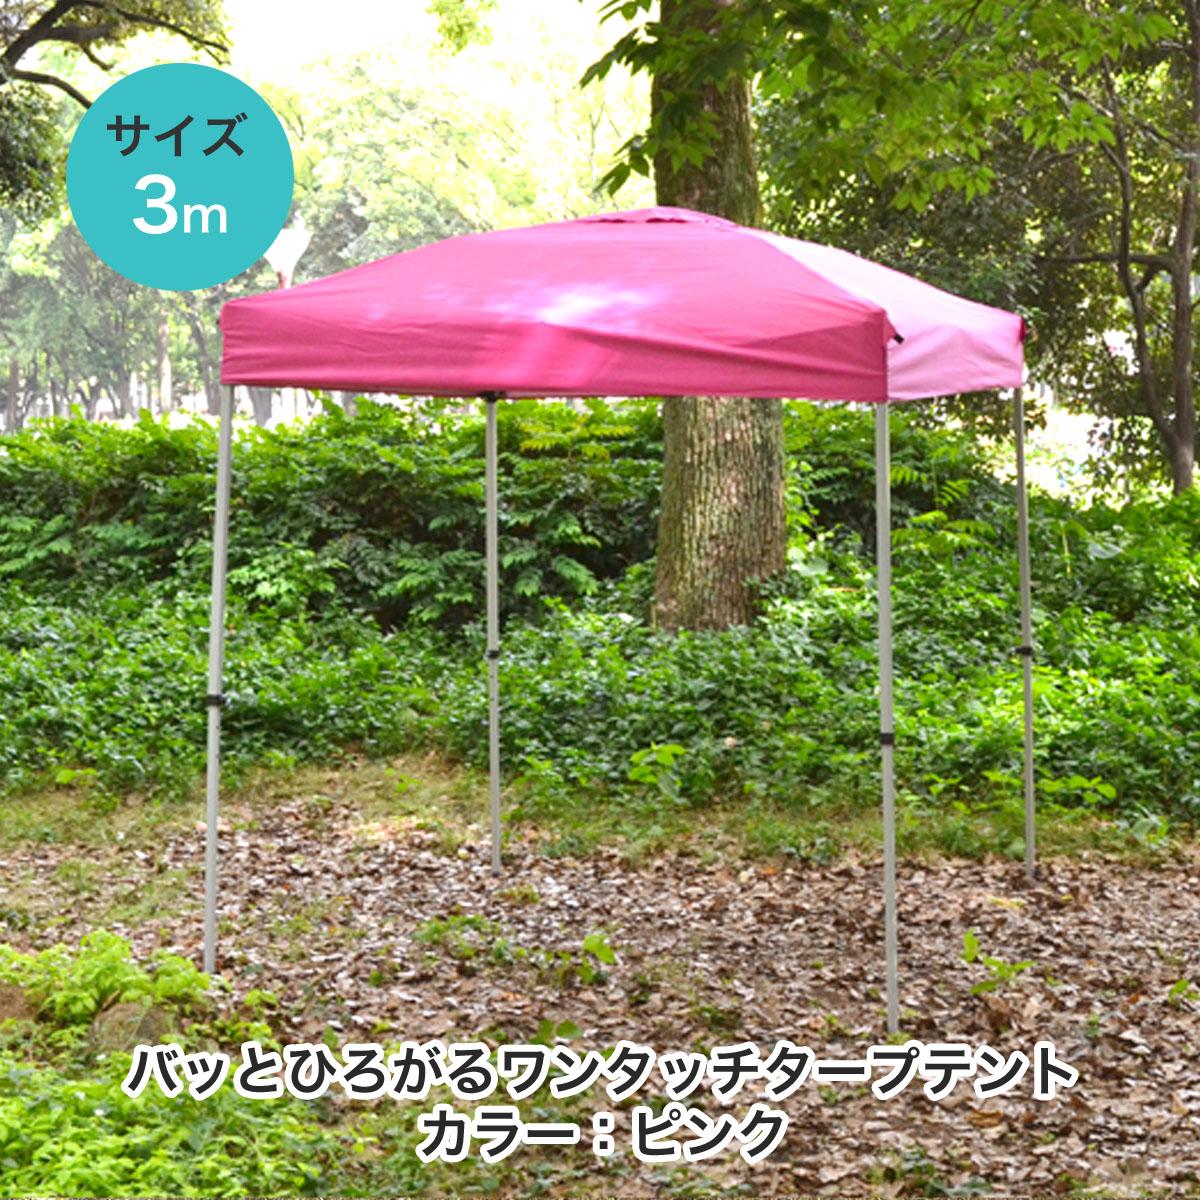 送料無料激安祭 39対応 バッとひろがるワンタッチ テントL 3×3m ピンク ※本品はメーカー直送品のため代引き不可です 商品型番:nnwtp-300-pk 気質アップ